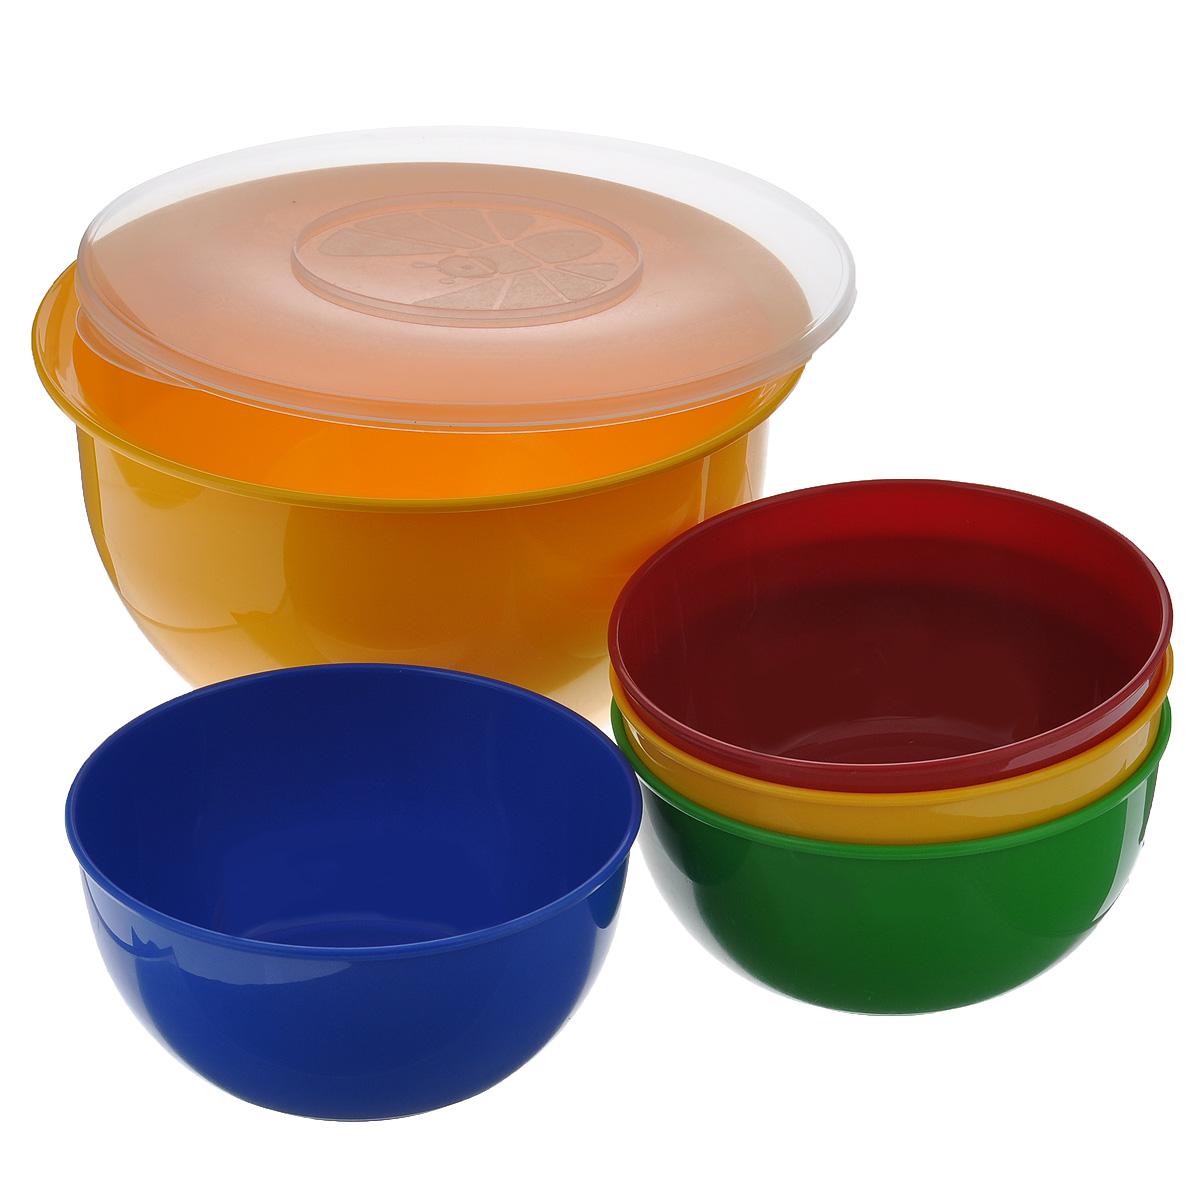 Набор посуды Solaris, 5 предметовS1405В состав набора Solaris входит 4 универсальные миски и большая миска с герметичной крышкой. Большую миску можно использовать как пищевой контейнер, для приготовления салата, мариновки шашлыка и т.п. Свойства посуды: Посуда из ударопрочного пищевого полипропилена предназначена для многократного использования. Легкая, прочная и износостойкая, экологически чистая, эта посуда работает в диапазоне температур от -25°С до +110°С. Можно мыть в посудомоечной машине. Эта посуда также обеспечивает: Хранение горячих и холодных пищевых продуктов; Разогрев продуктов в микроволновой печи; Приготовление пищи в микроволновой печи на пару (пароварка); Хранение продуктов в холодильной и морозильной камере; Кипячение воды с помощью электрокипятильника. Объем большой миски: 3 л. Диаметр большой миски: 22,5 см. Высота большой миски: 12,7 см. Объем небольших мисок: 0,6 л. Диаметр небольших мисок: 15,3 см. Высота небольших...